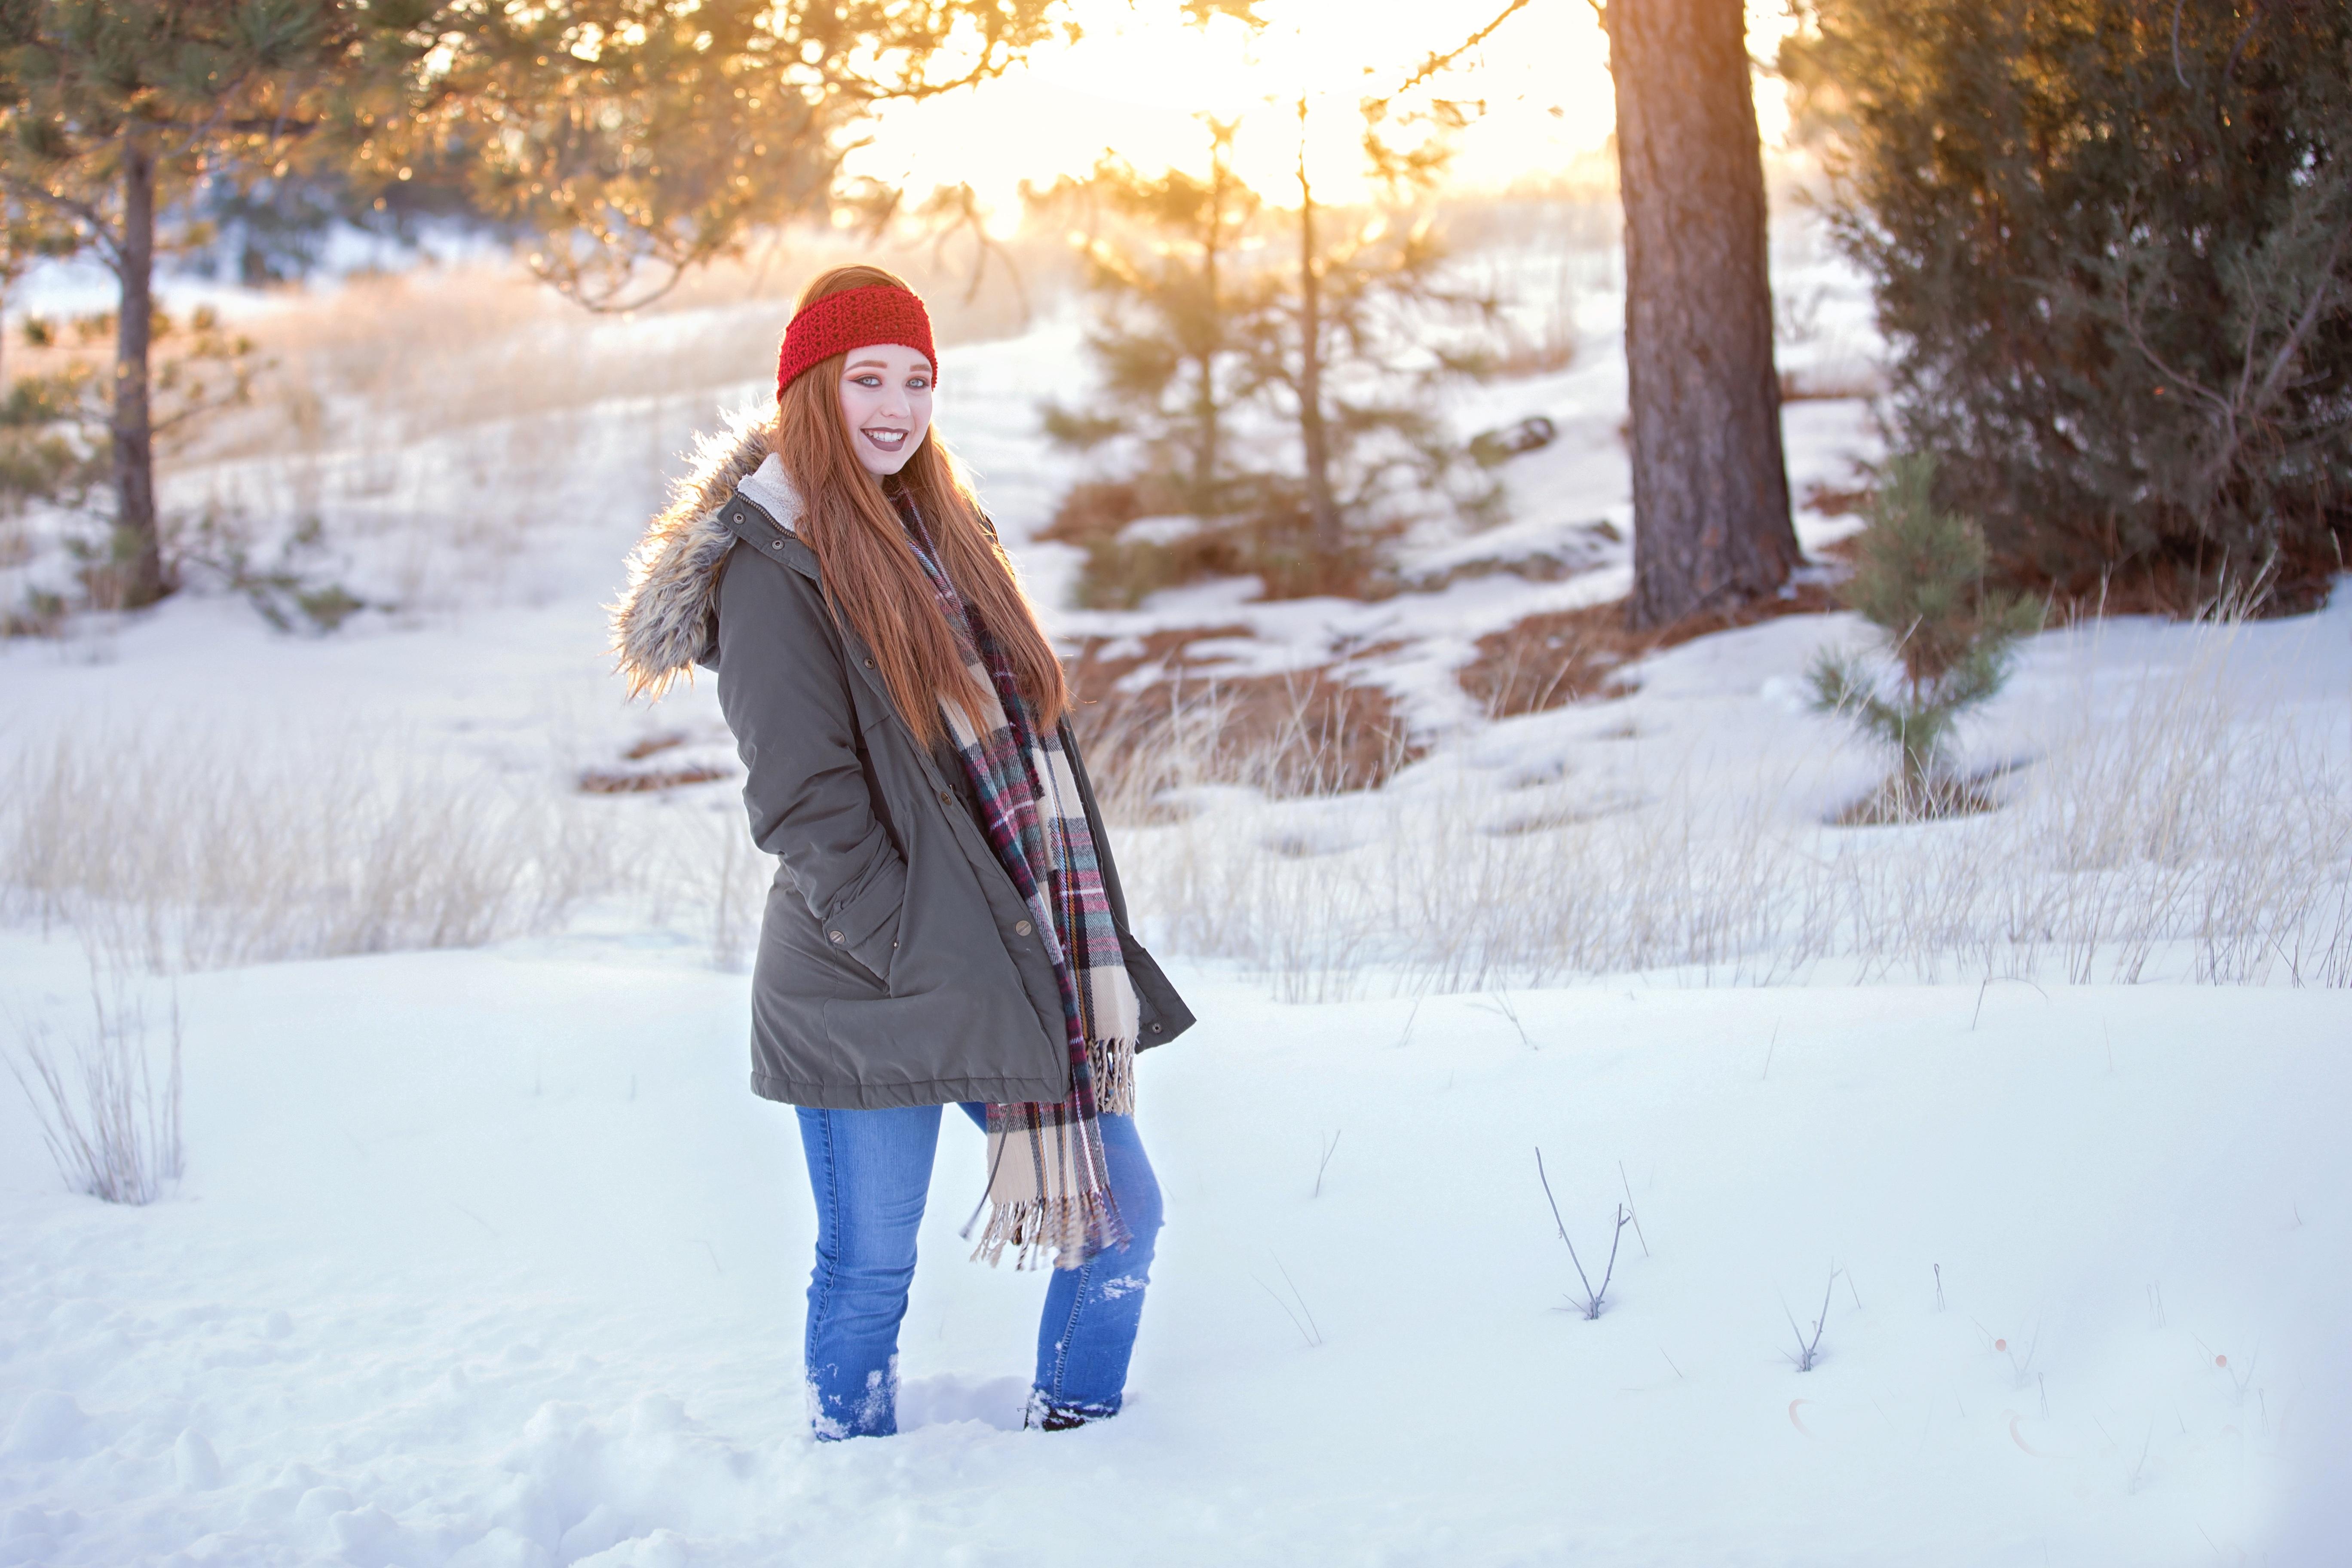 сучка зима фотографии с людьми нас